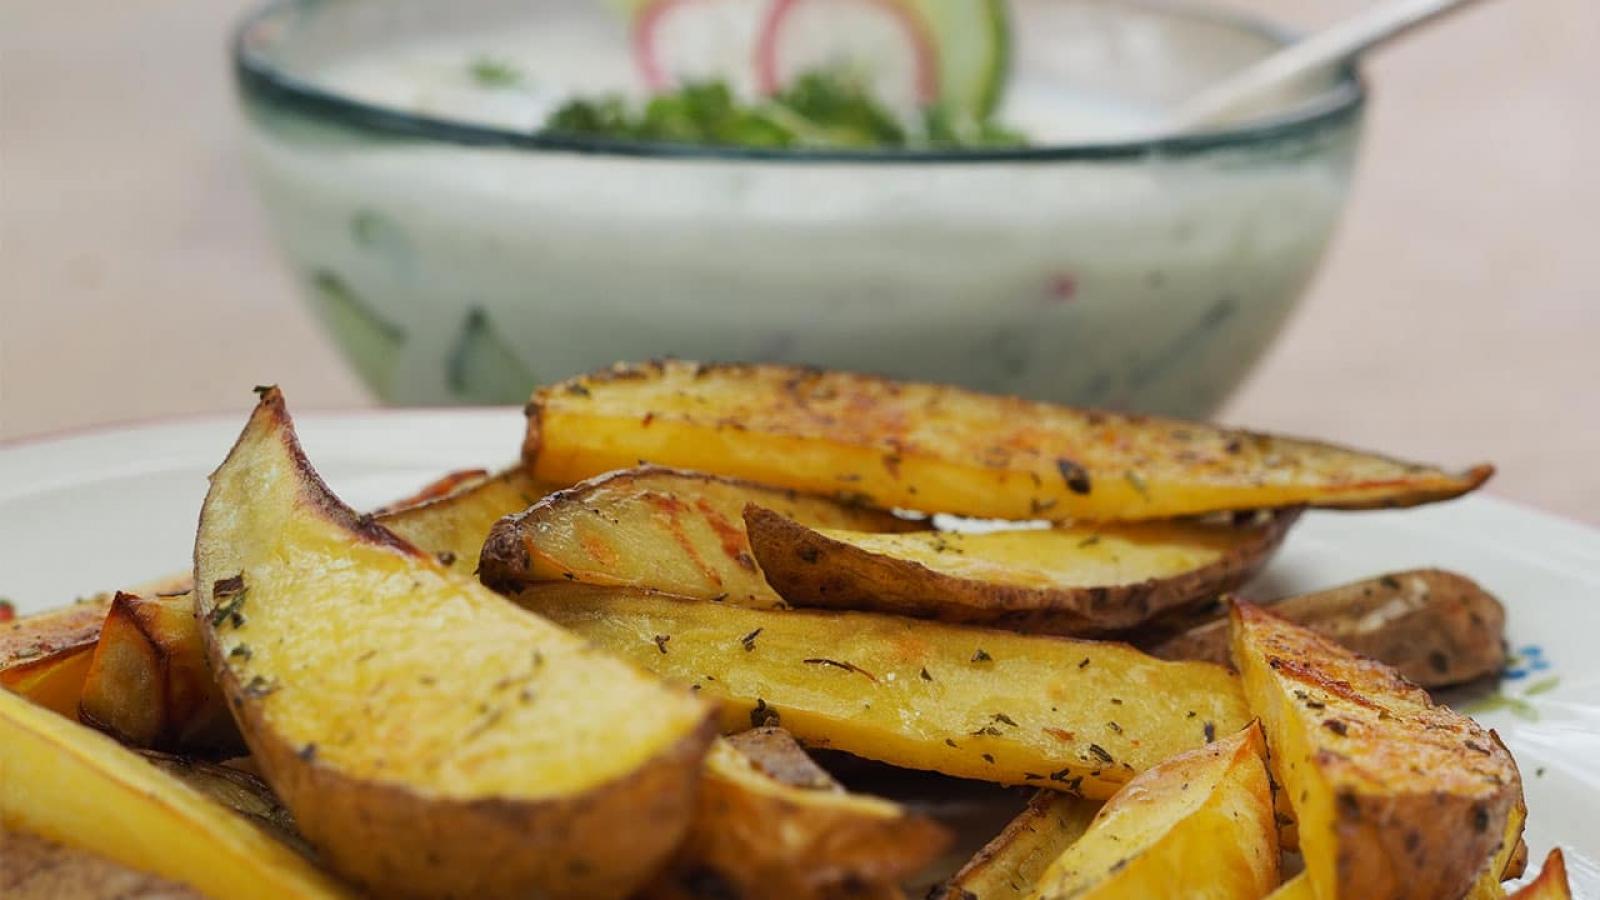 Würzig-knusprige Kartoffelwedges mit einem leichten veganen Joghurt-Gurkendip und frischen Gartenkräutern